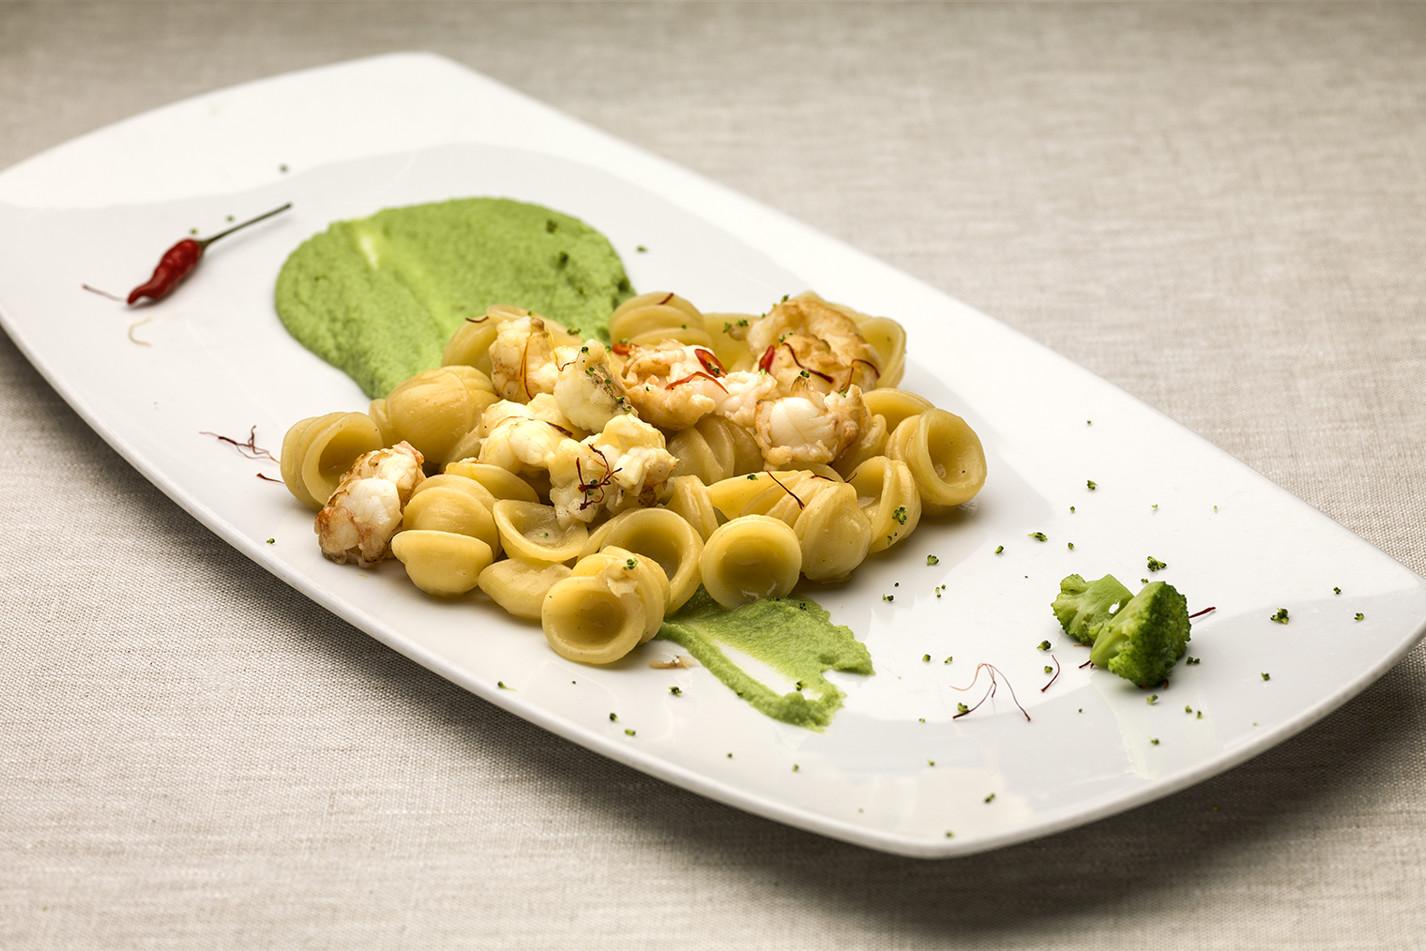 Giorgio's dish